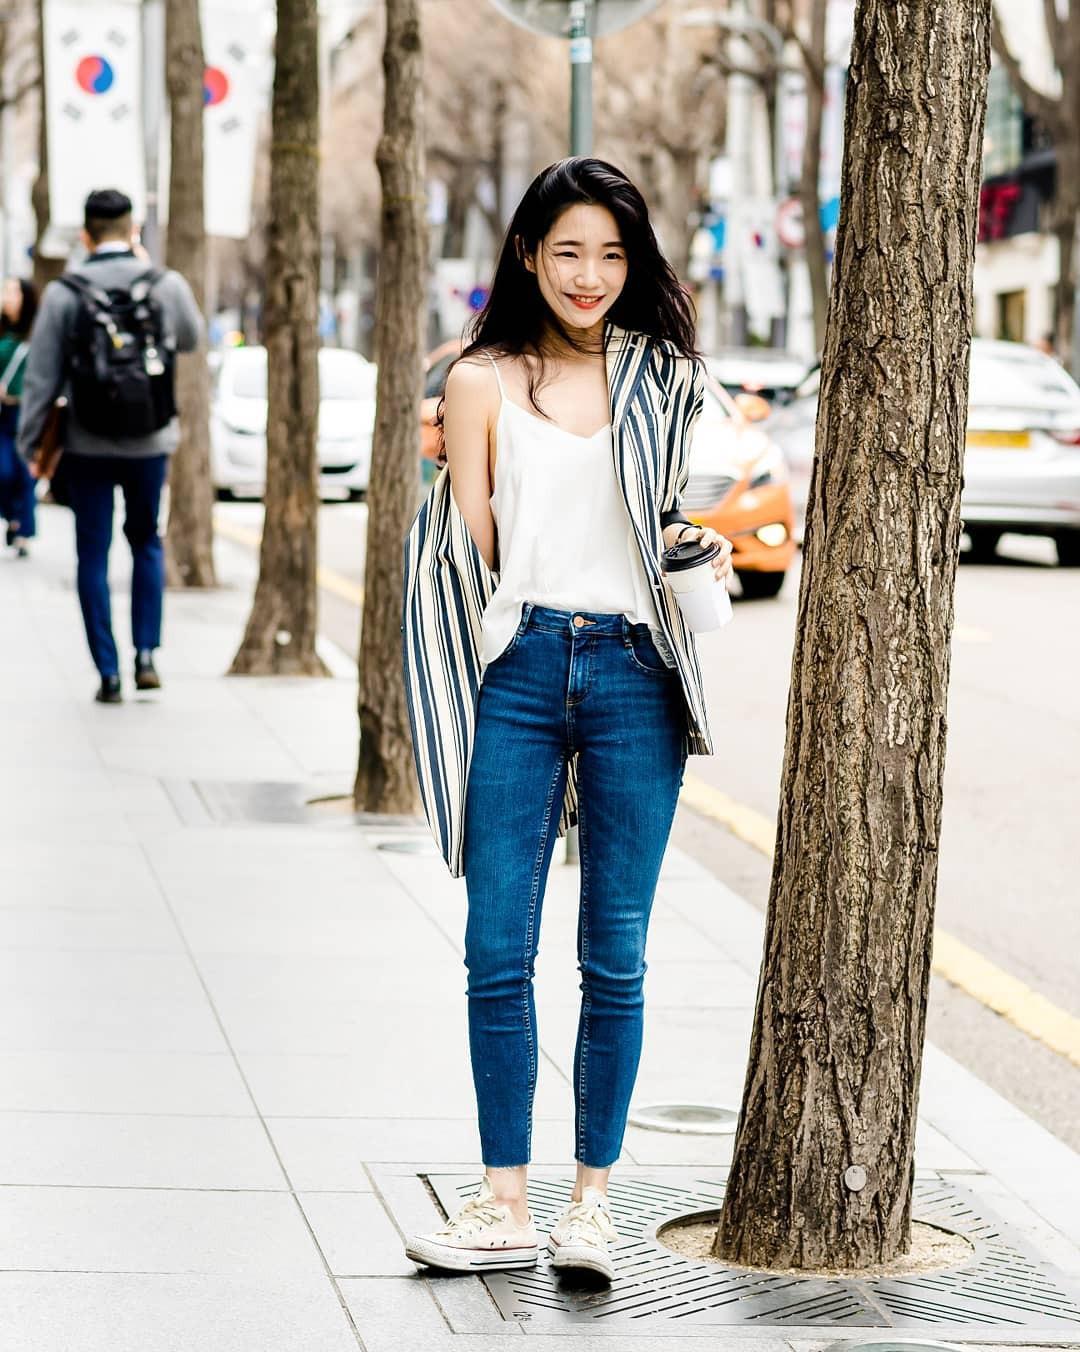 Street style của con gái Hàn tuần qua: chẳng cầu kỳ mà đẹp phát mê, ai xem xong cũng dễ crush - Ảnh 1.